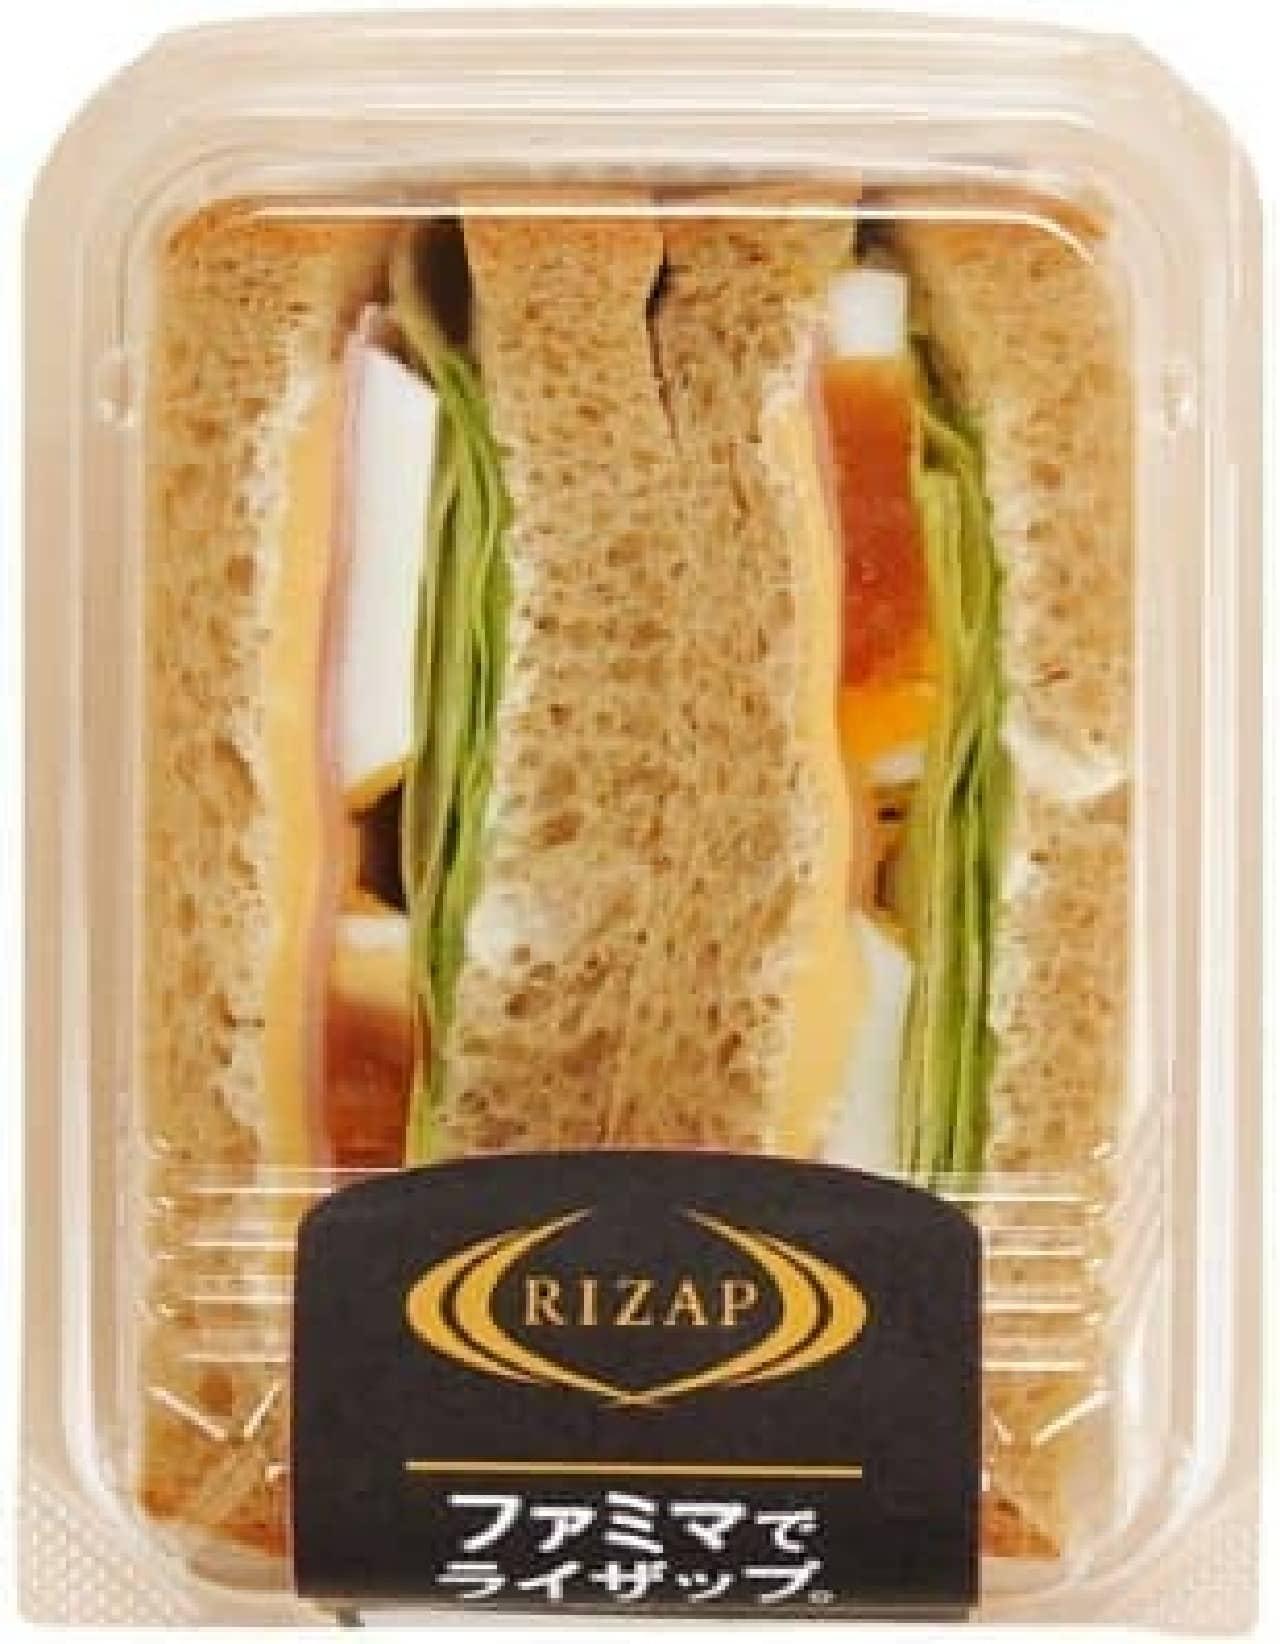 ファミリーマート「RIZAP ハムとチーズのサンド」